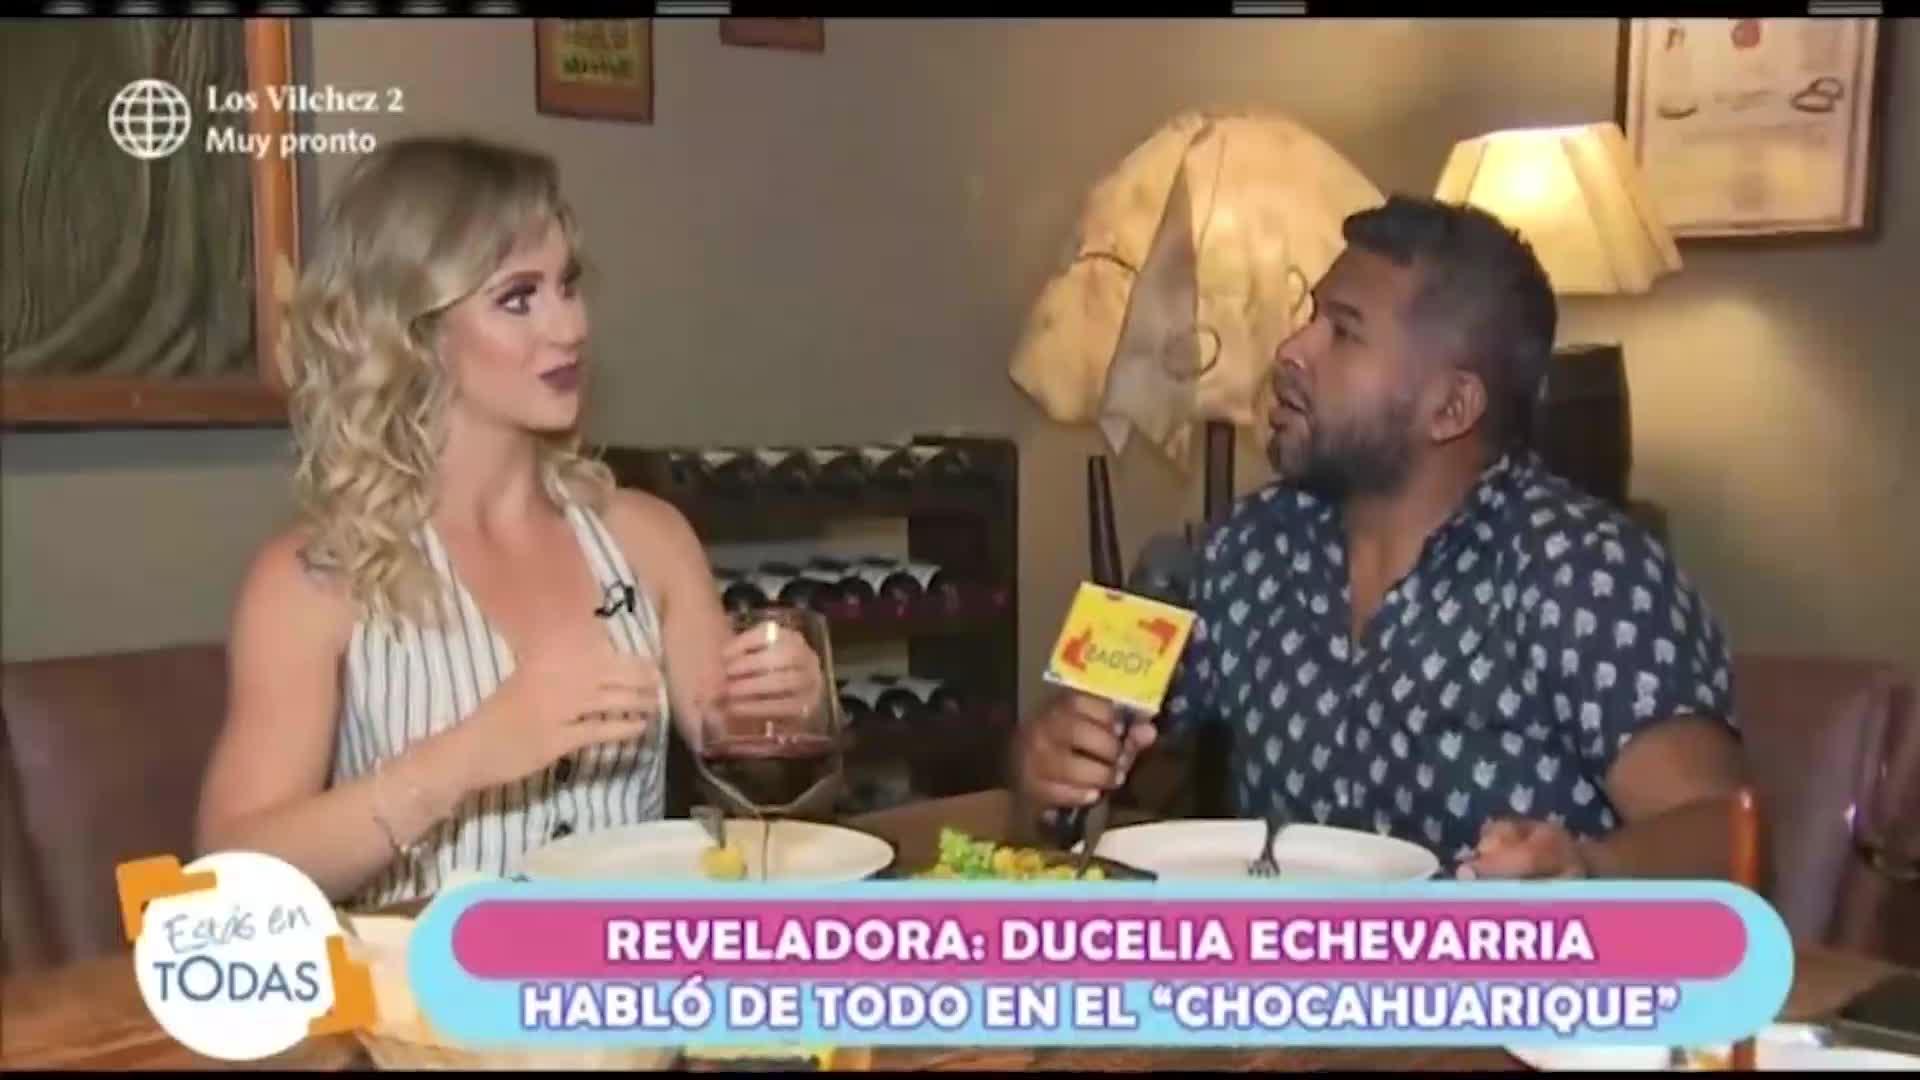 """Ducelia Echevarría revela detalles sobre su vida en el """"Chocahuarique"""""""